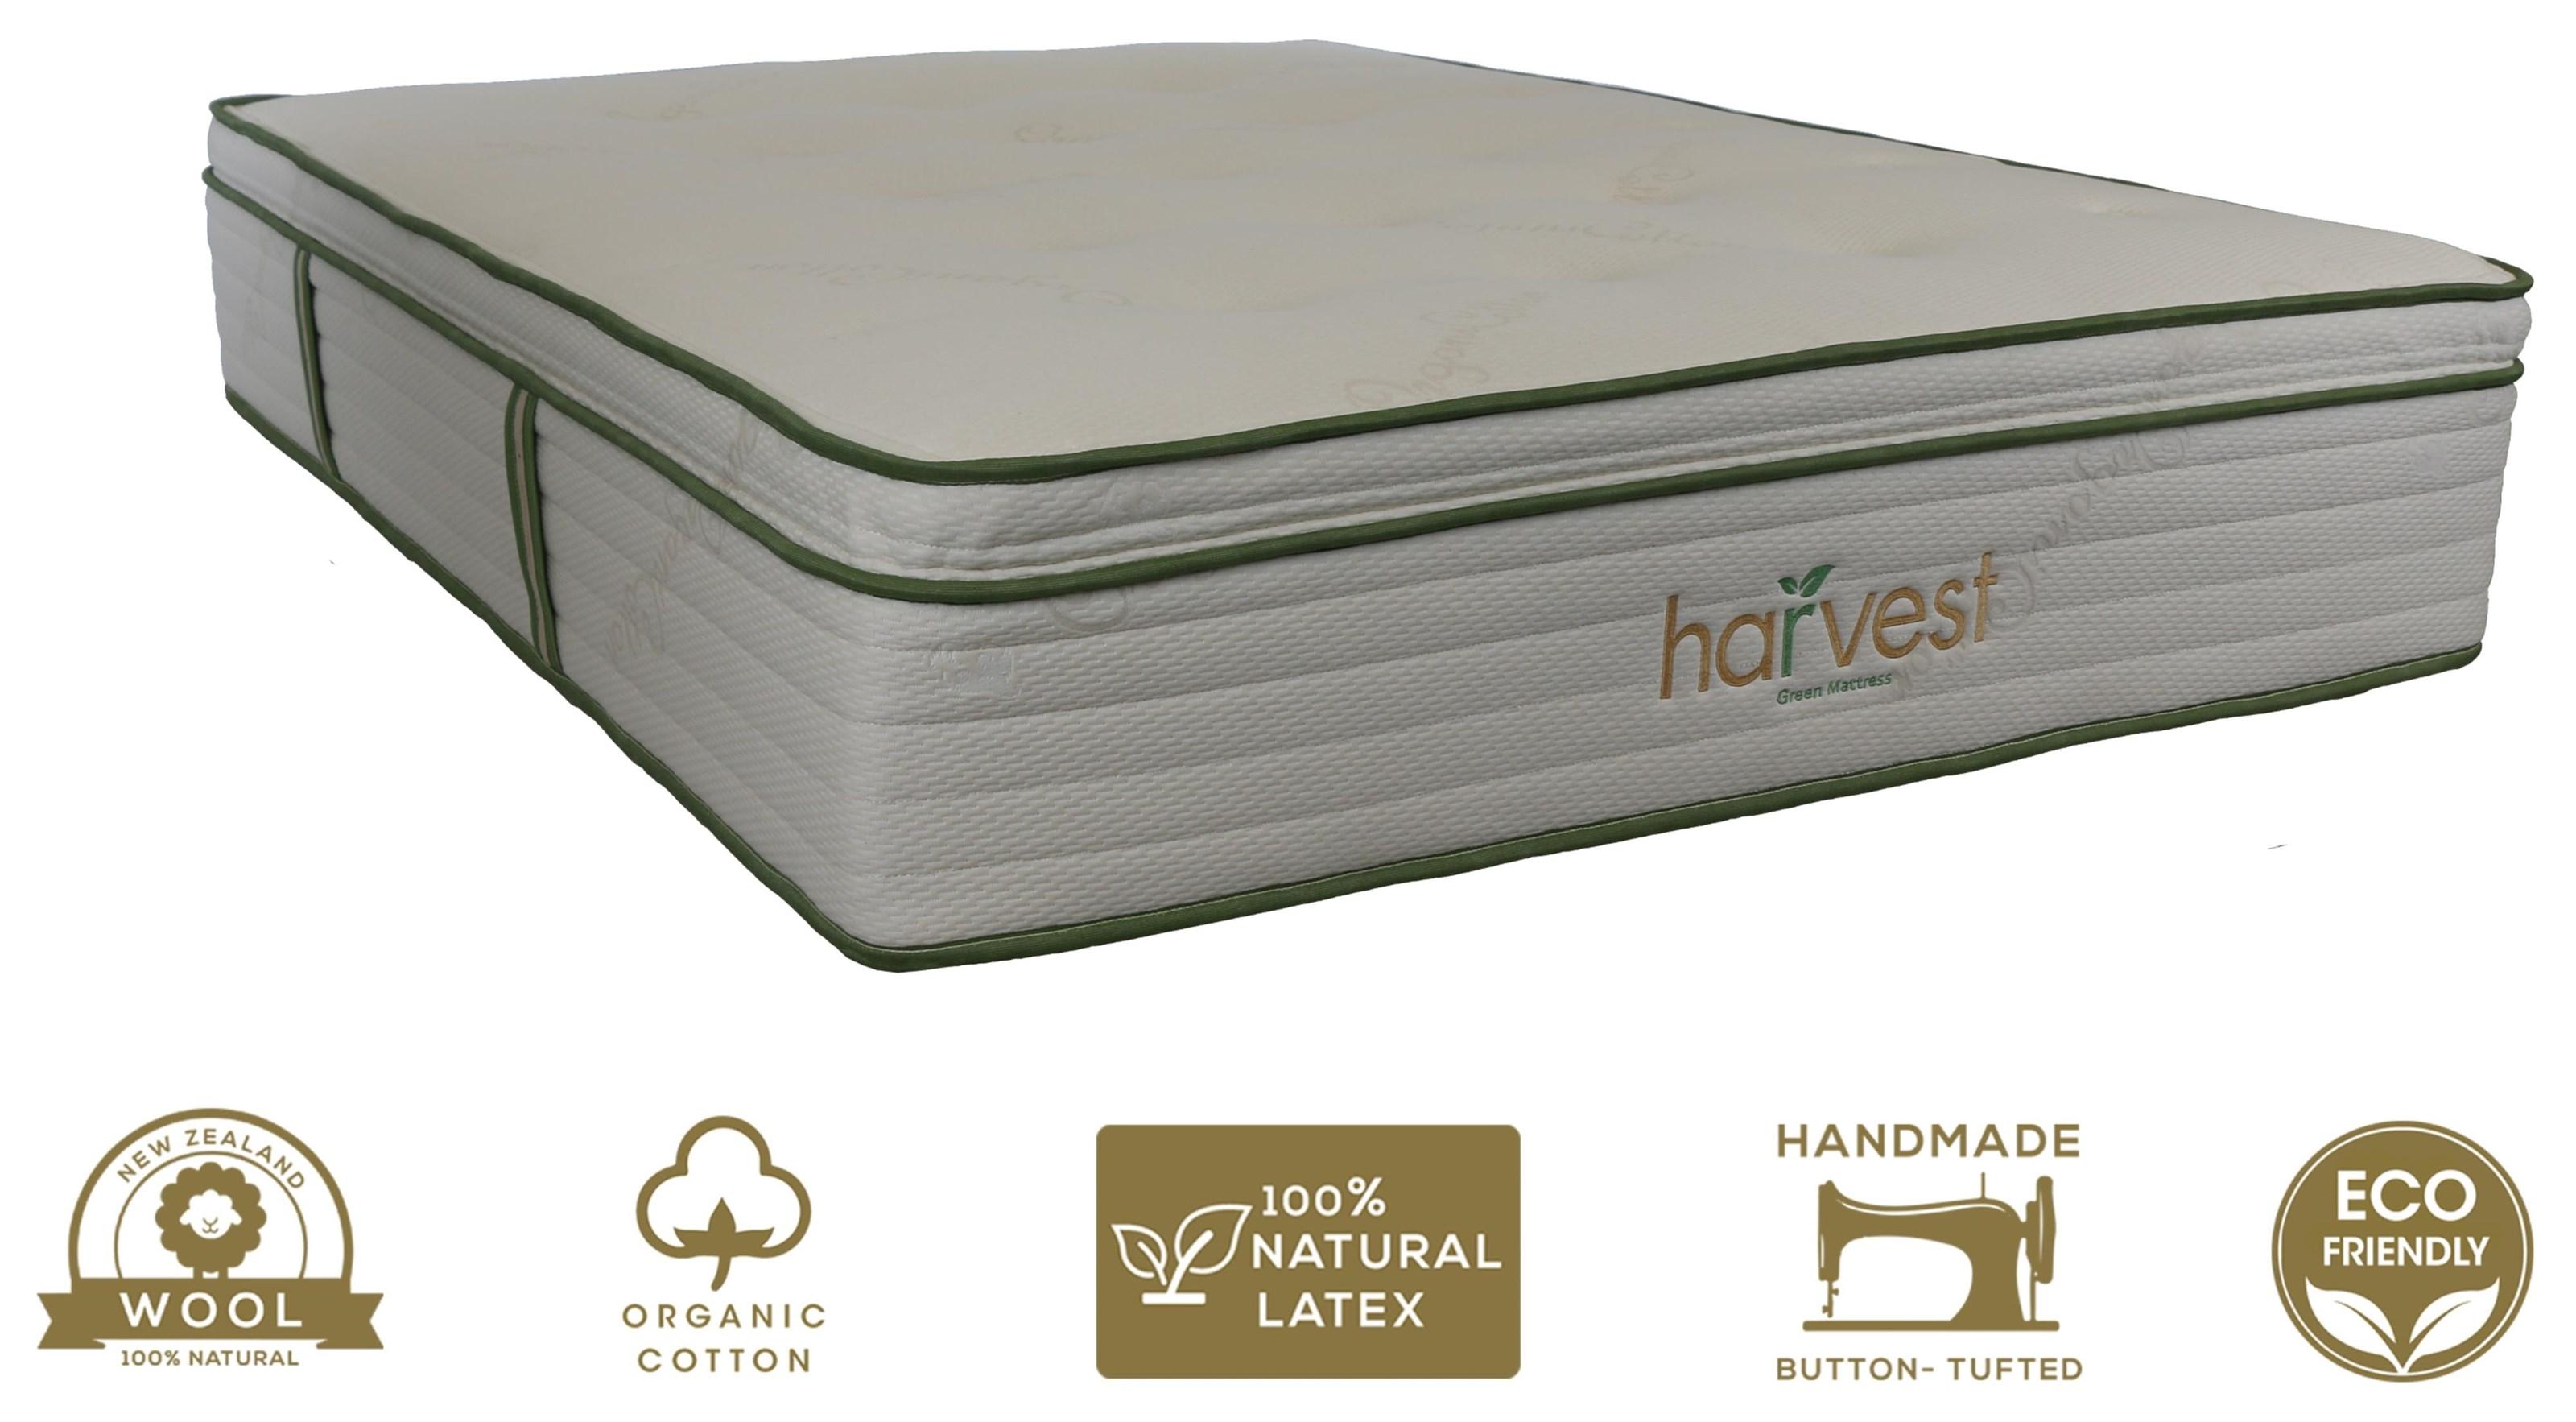 """Harvest Pillow Top Queen 13"""" Medium Plush Hybrid Mattress by Harvest Green Mattress at A1 Furniture & Mattress"""